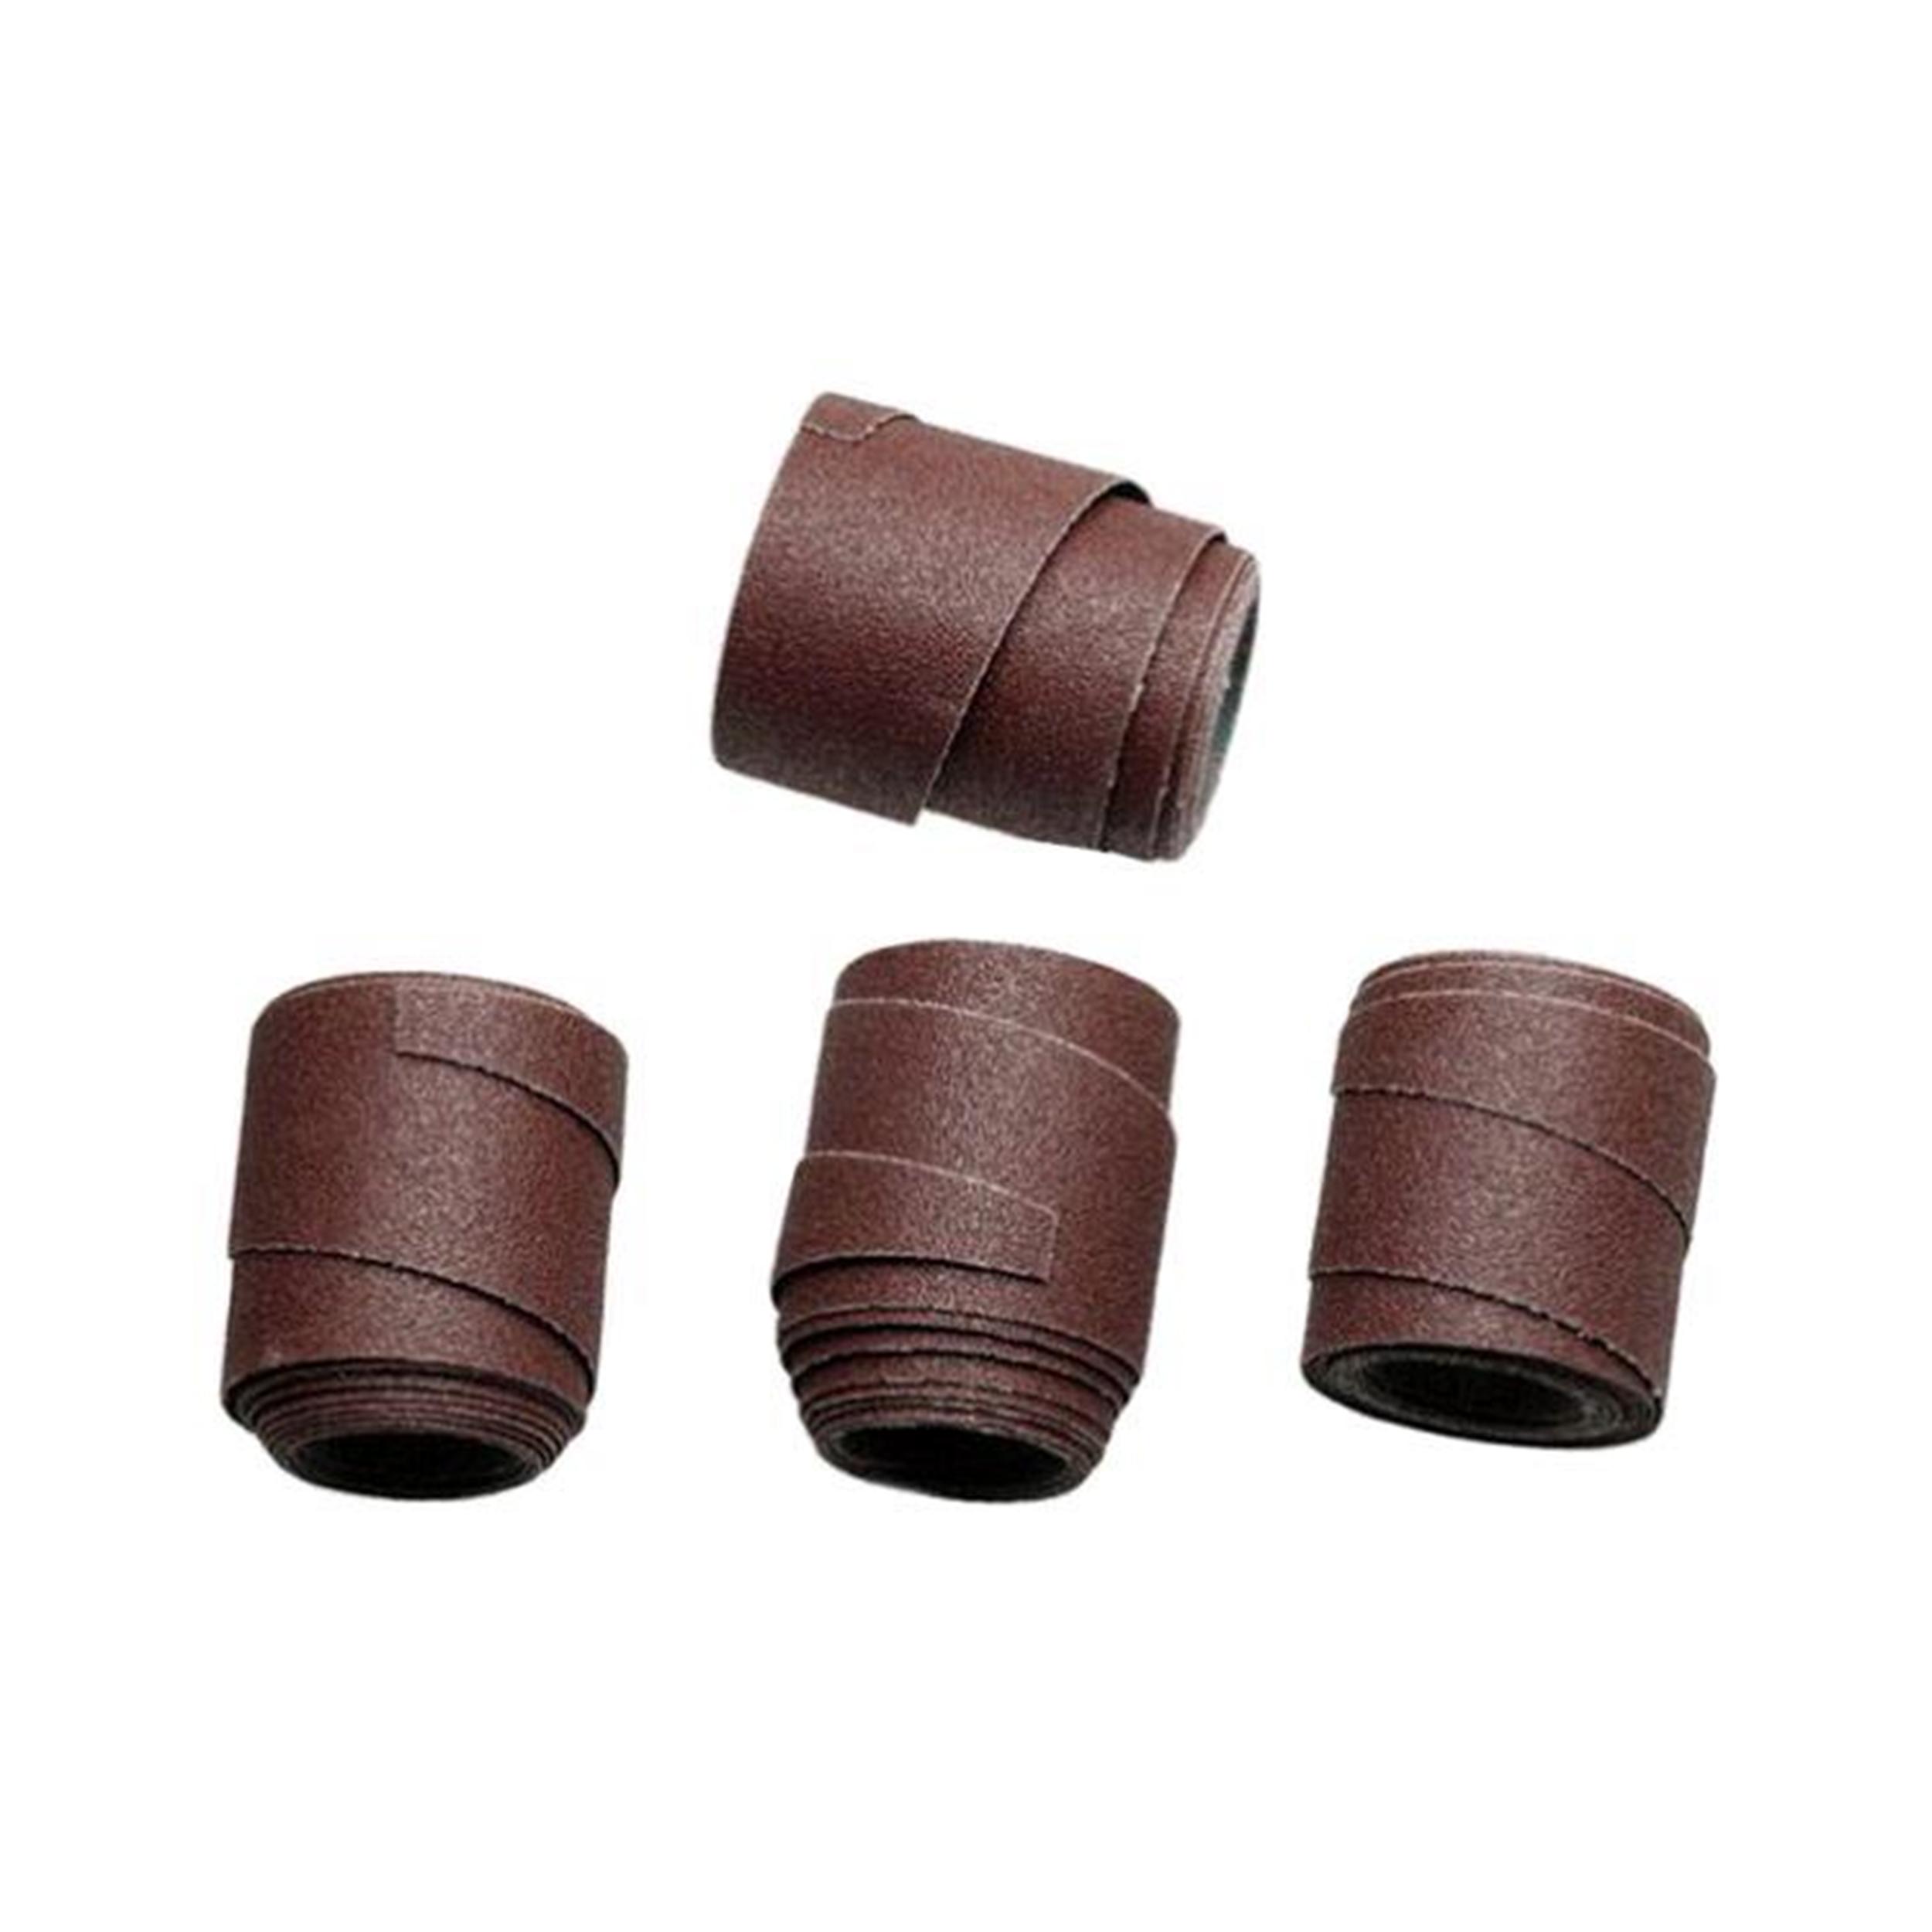 Pre-Cut Abrasive Wraps for 16-32 Drum Sanders 120 Grit 4 pc